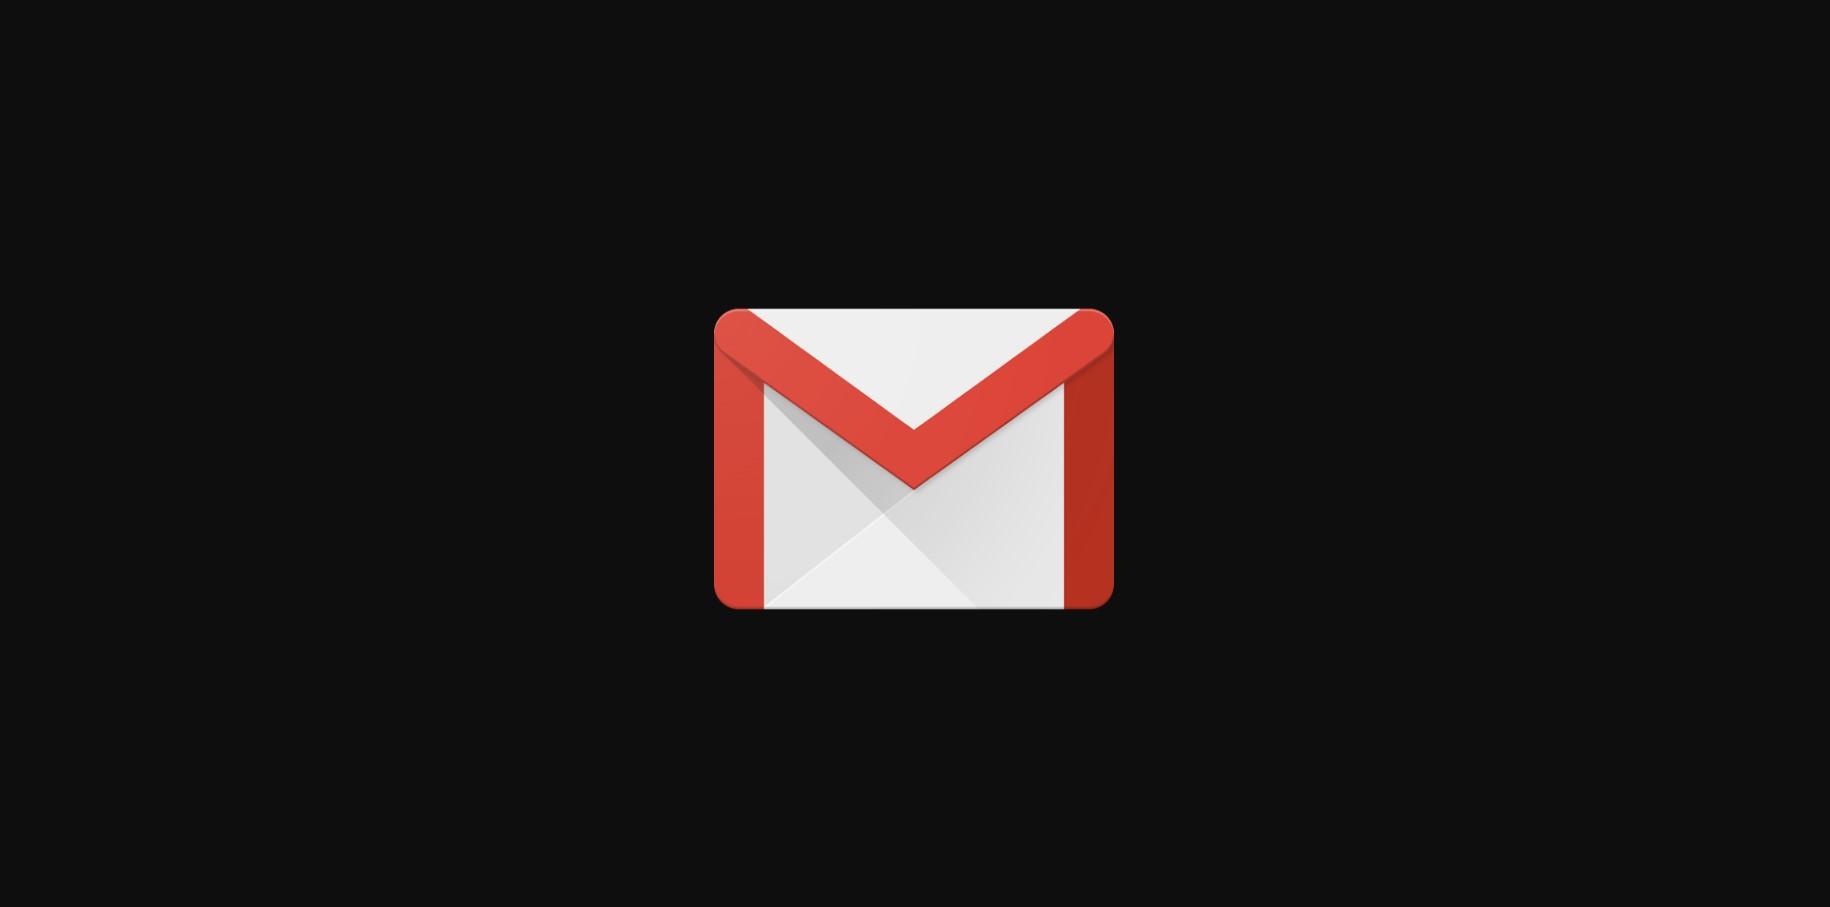 Gmail konečně dostává tmavý vzhled [aktualizováno]